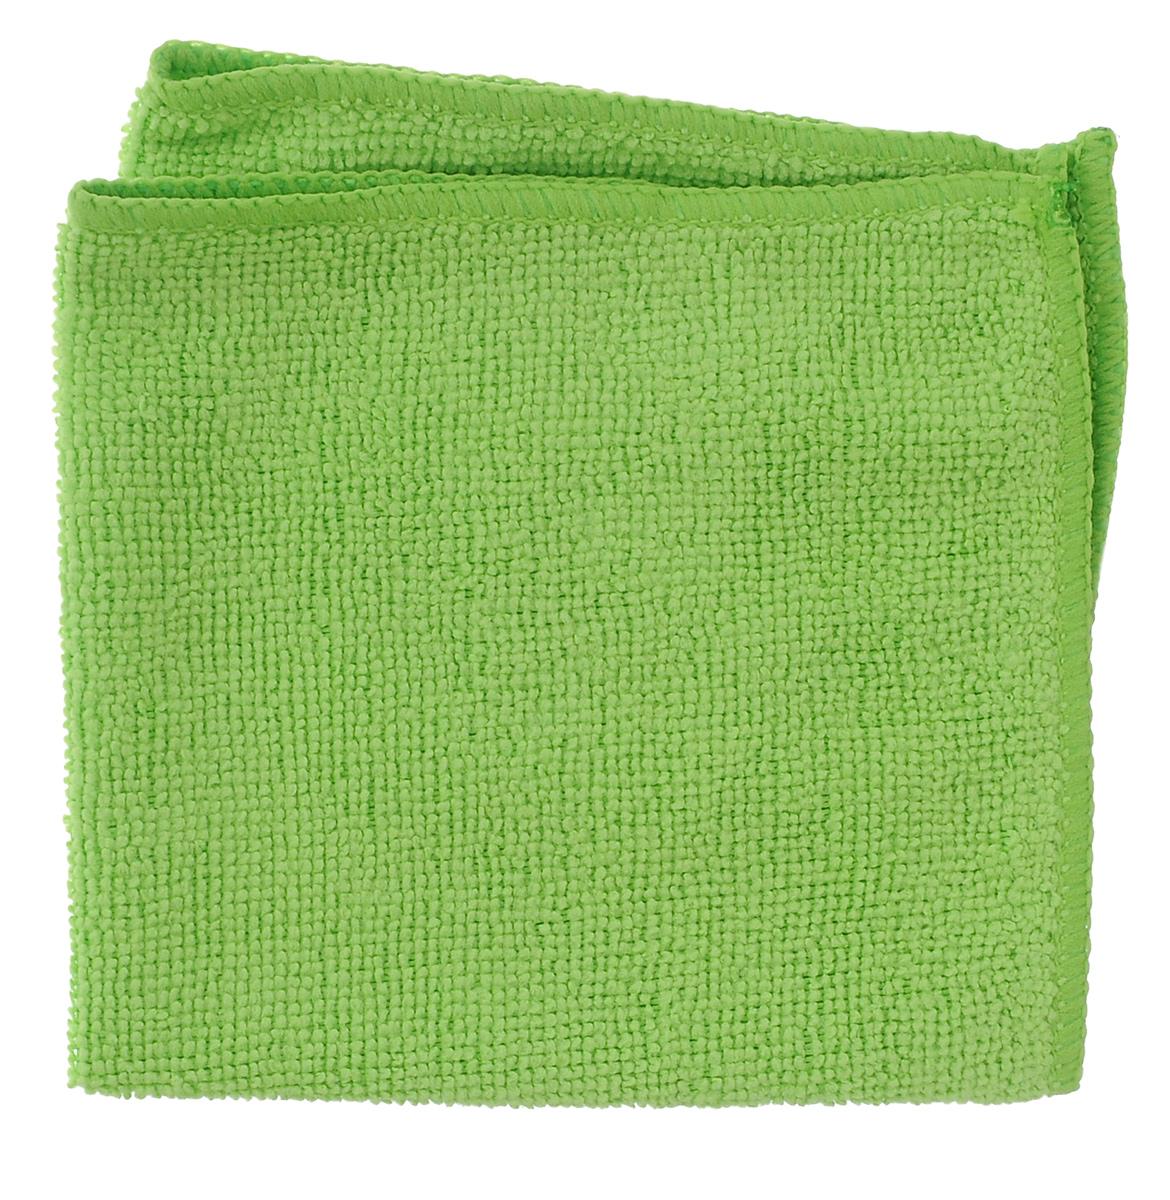 Салфетка универсальная Celesta, из микрофибры, цвет: салатовый, 30 см х 30 см4660_салатовыйСалфетка Celesta, изготовленная из микрофибры (80% полиэстера и 20% полиамида), предназначена для сухой и влажной уборки. Подходит для ухода за любыми поверхностями. Благодаря специальной структуре волокон справляется с загрязнениями без использования моющих средств. Не оставляет разводов и ворсинок. Обладает отличными впитывающими свойствами.Размер салфетки: 30 см х 30 см.